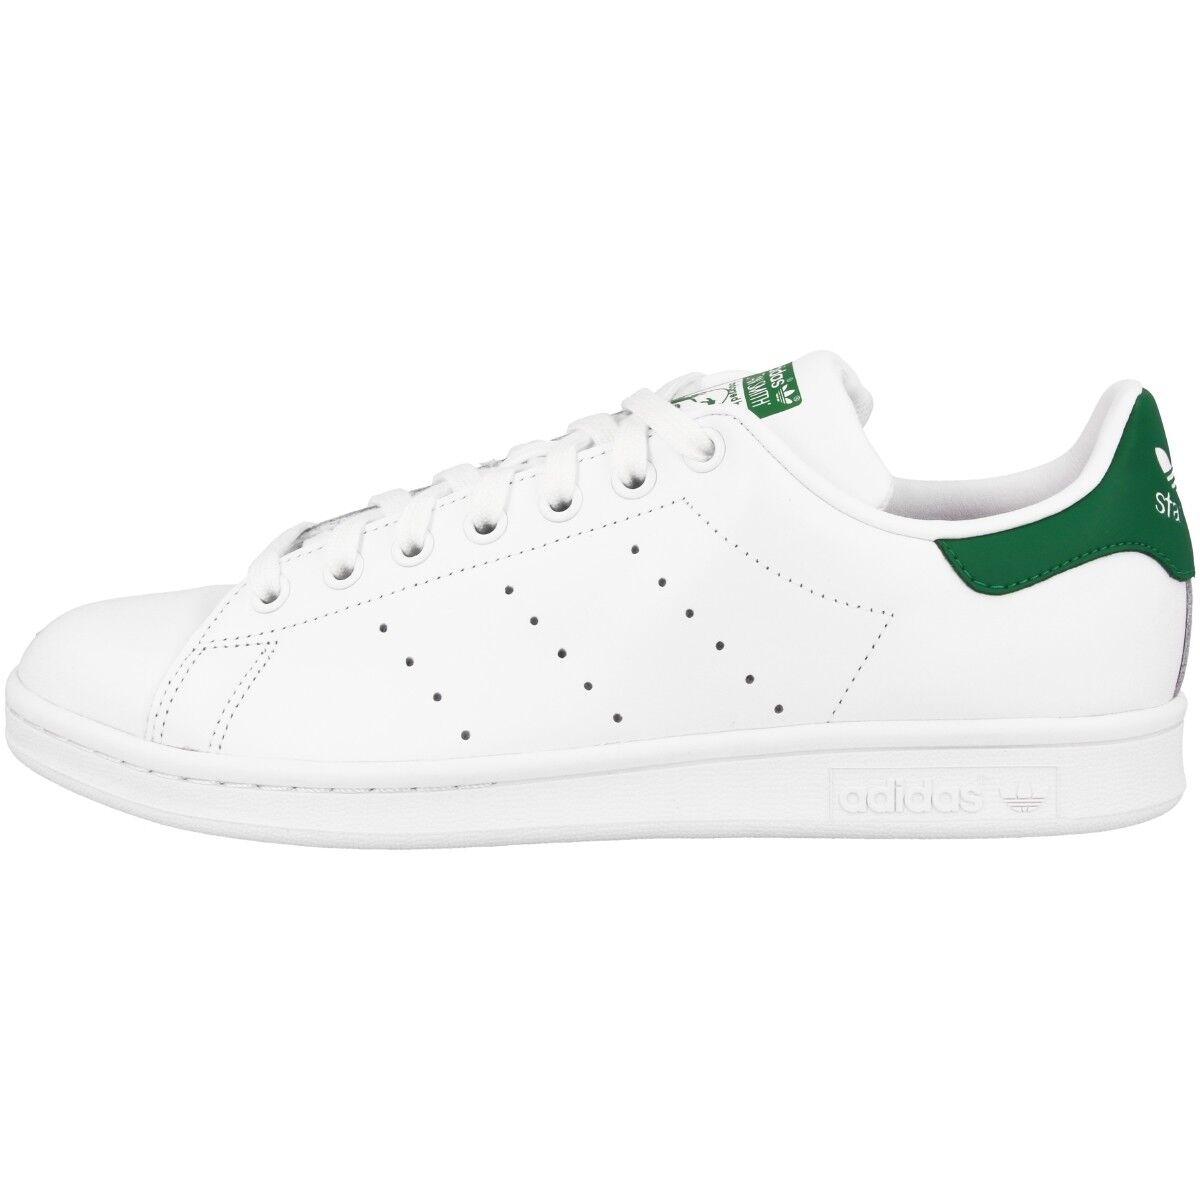 Adidas Stan Smith Schuhe Retro Sneaker white fairway M20324 Tennis Court Samba